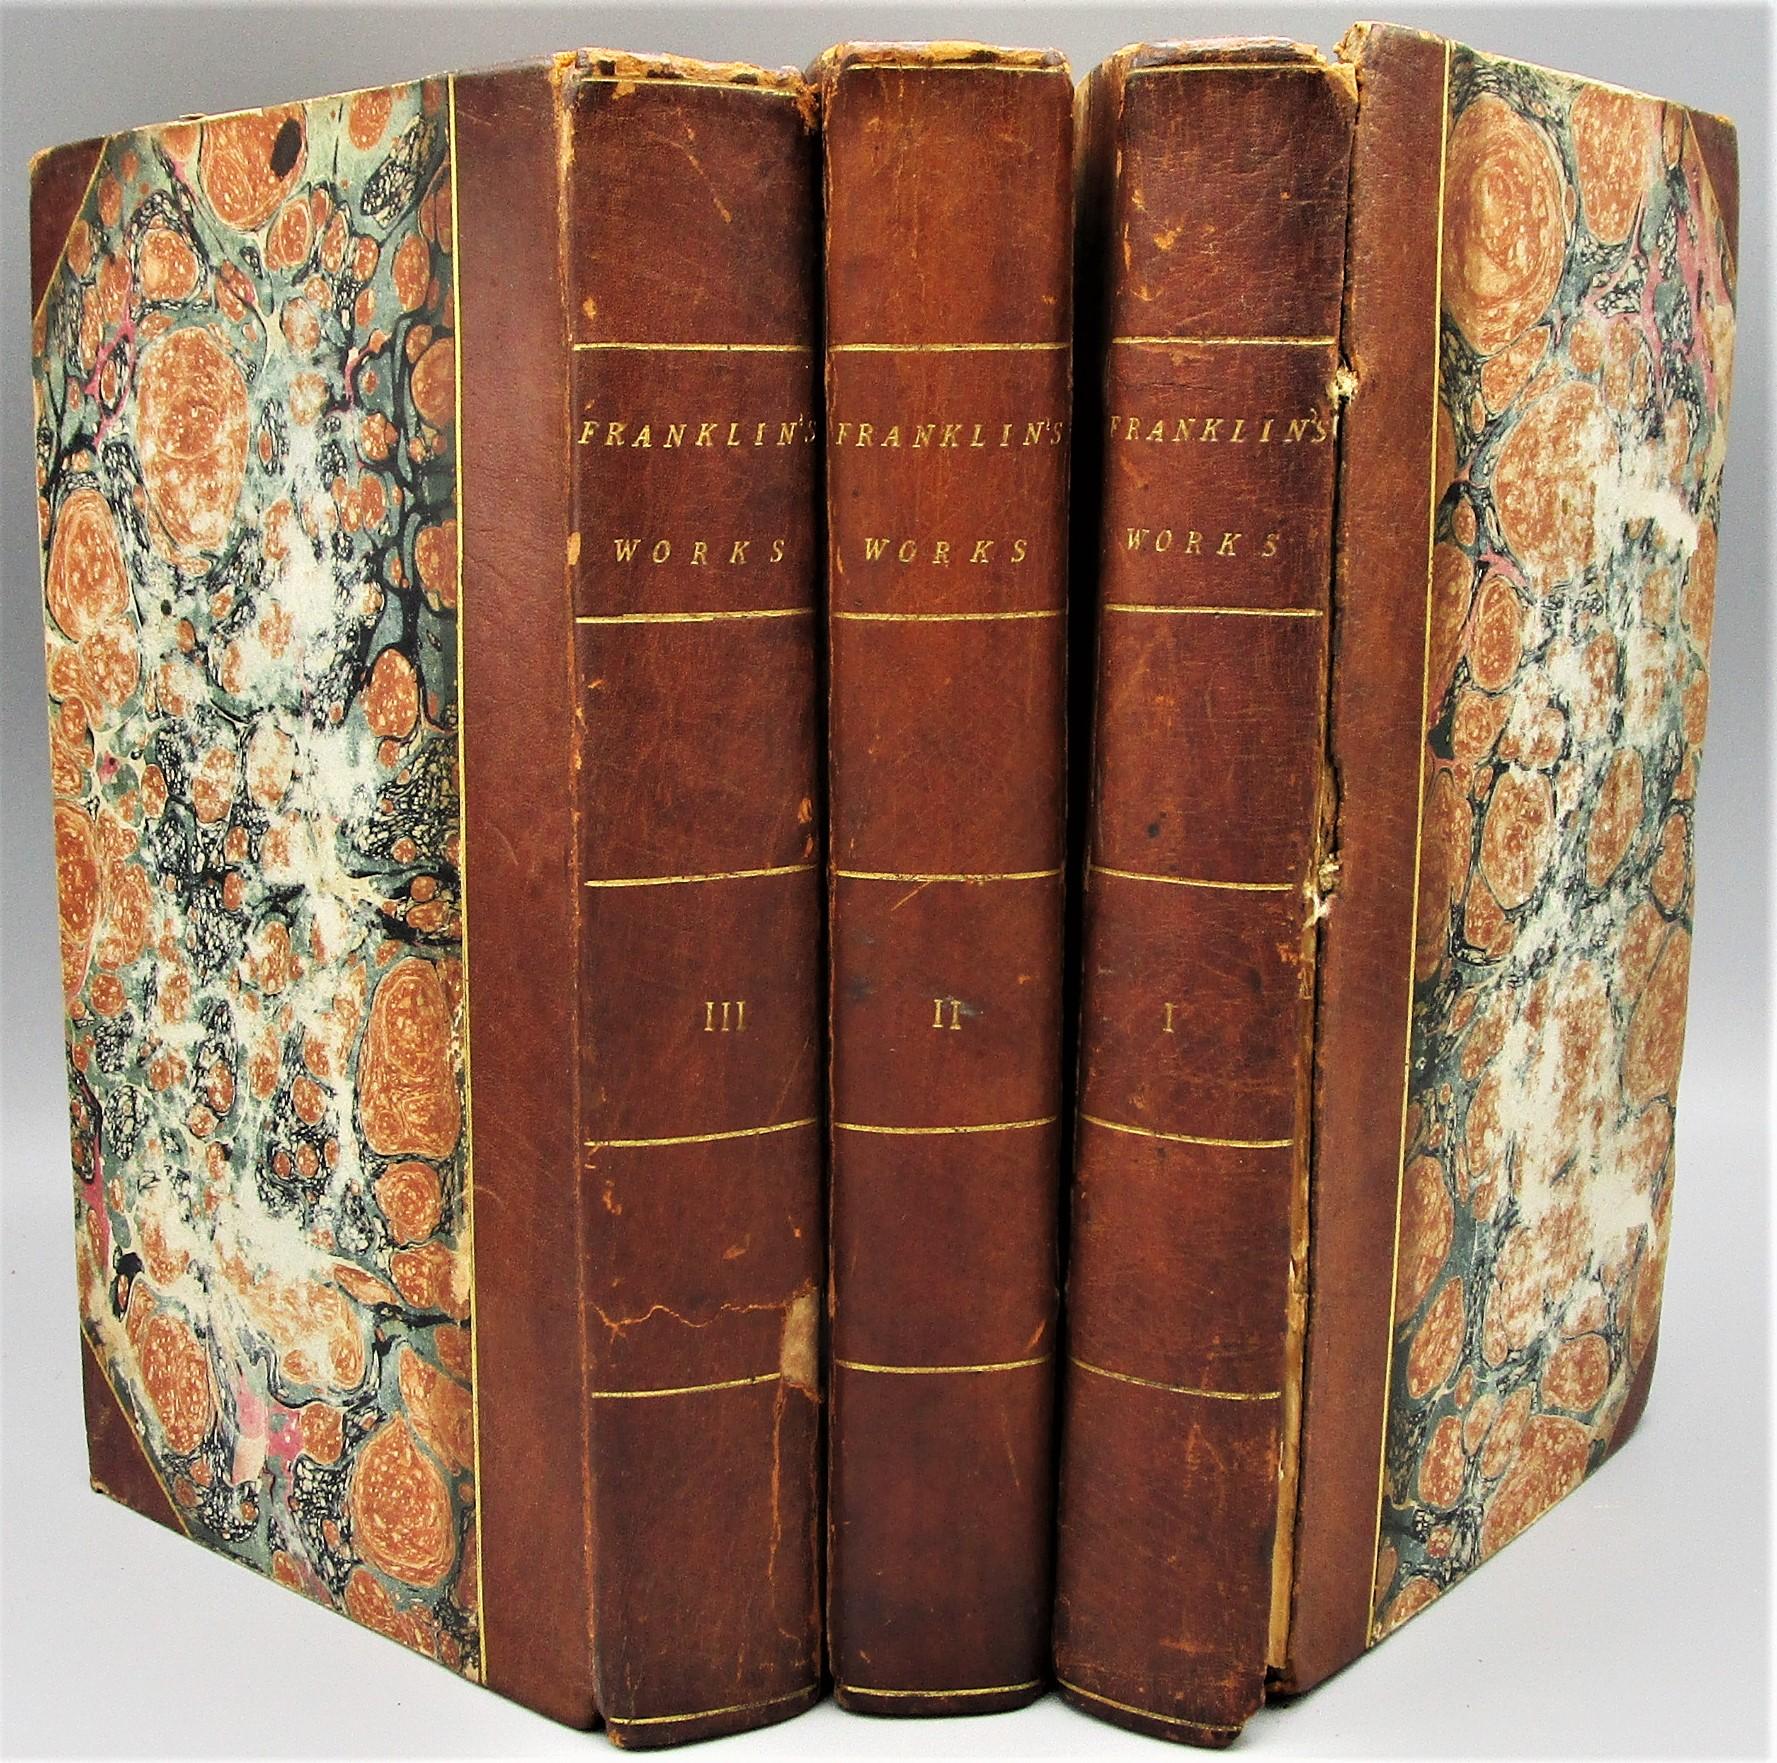 COMPLETE WORKS OF BENJAMIN FRANKLIN - 1806 [1st Ed, 3 Vols]